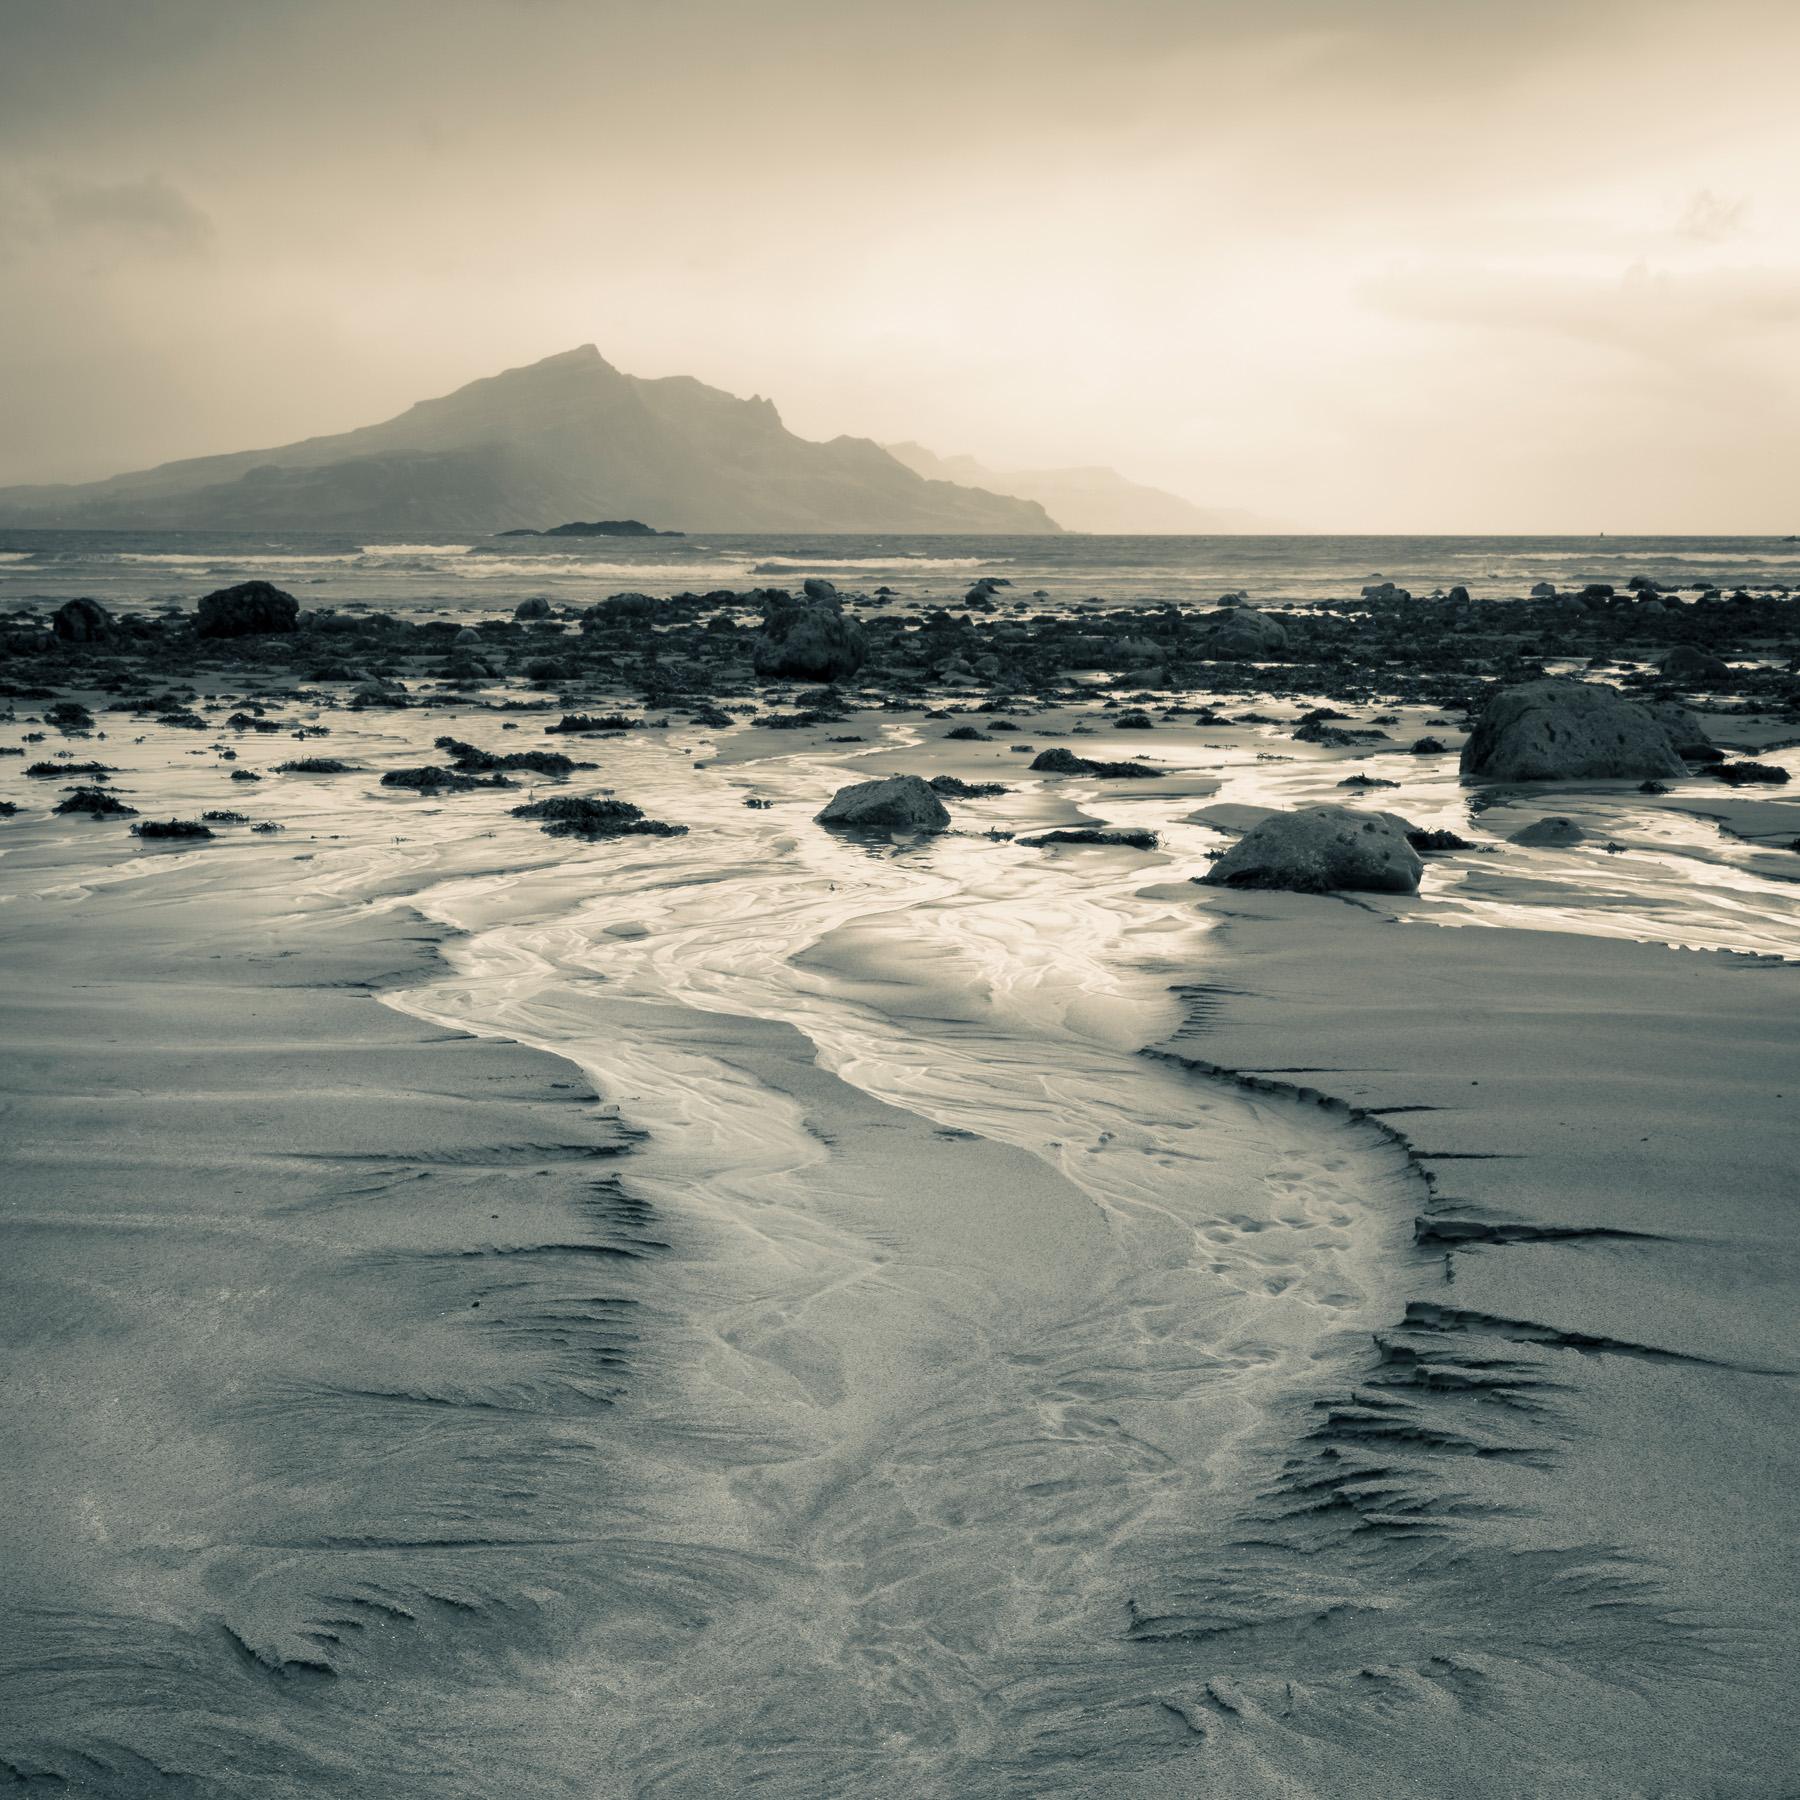 Ben Tianavaig von den Braes, Isle of Skye